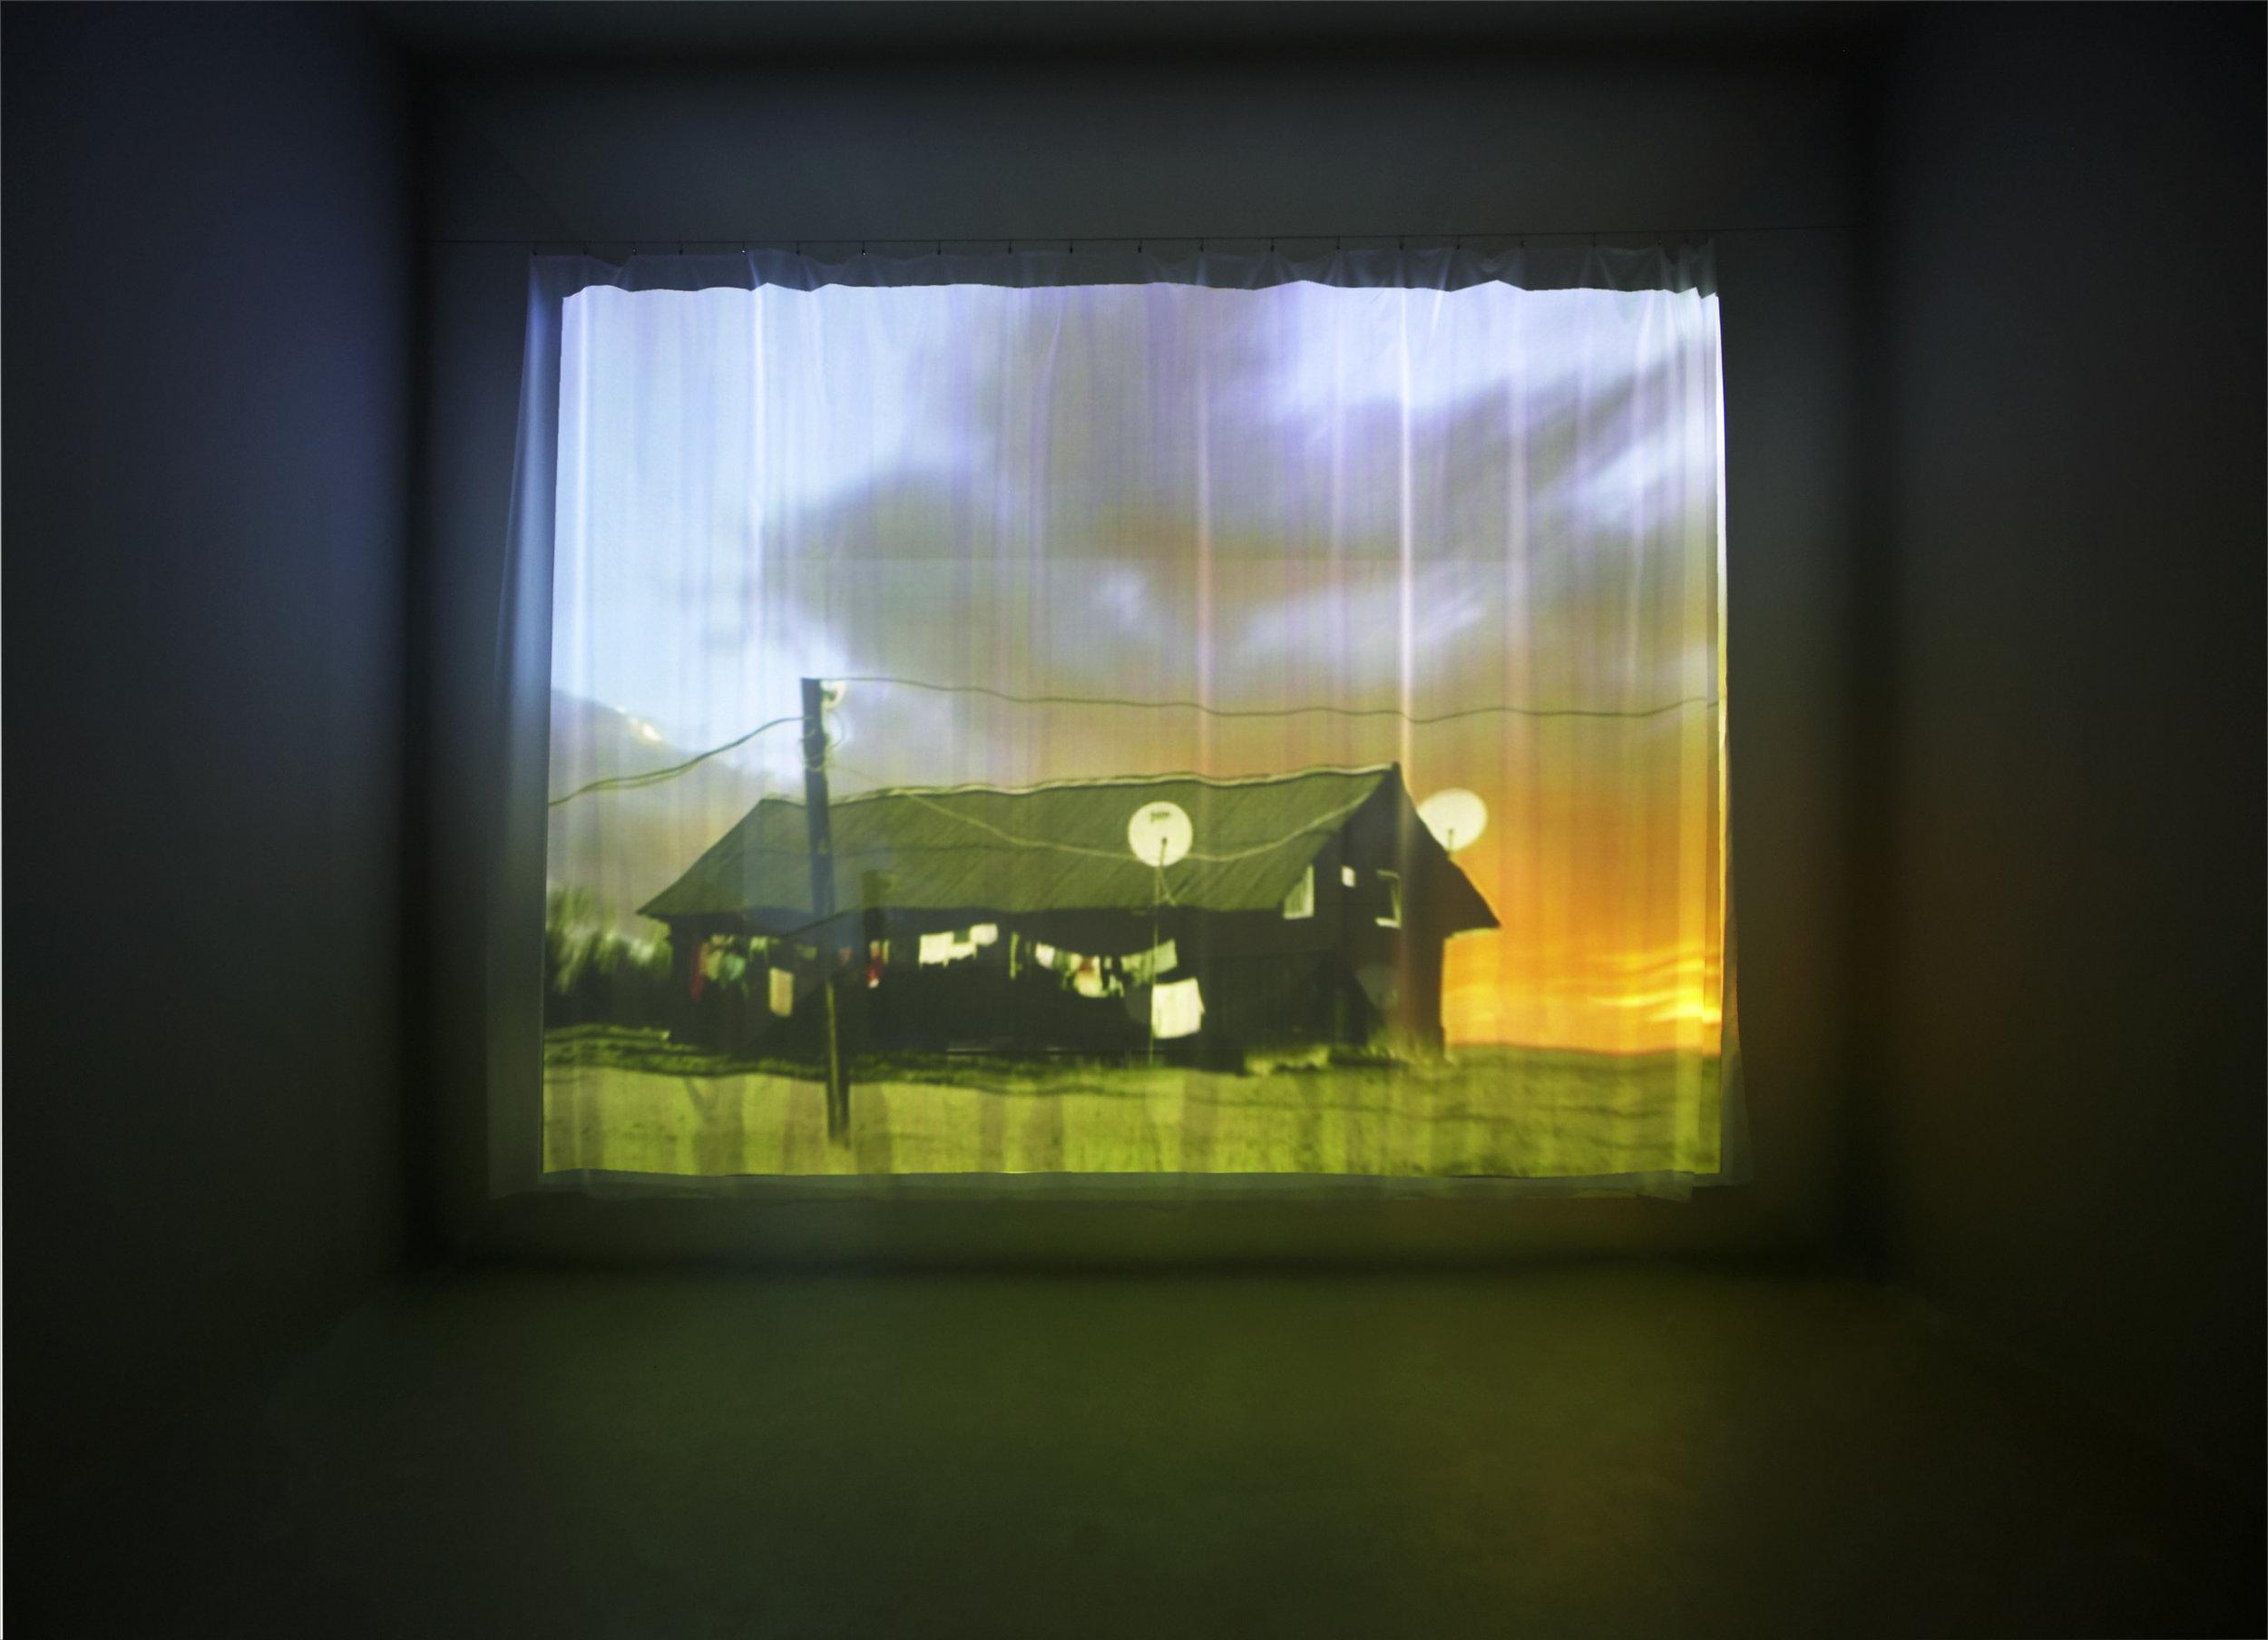 Installation view from Šejla Kamerić's 'Dream House'